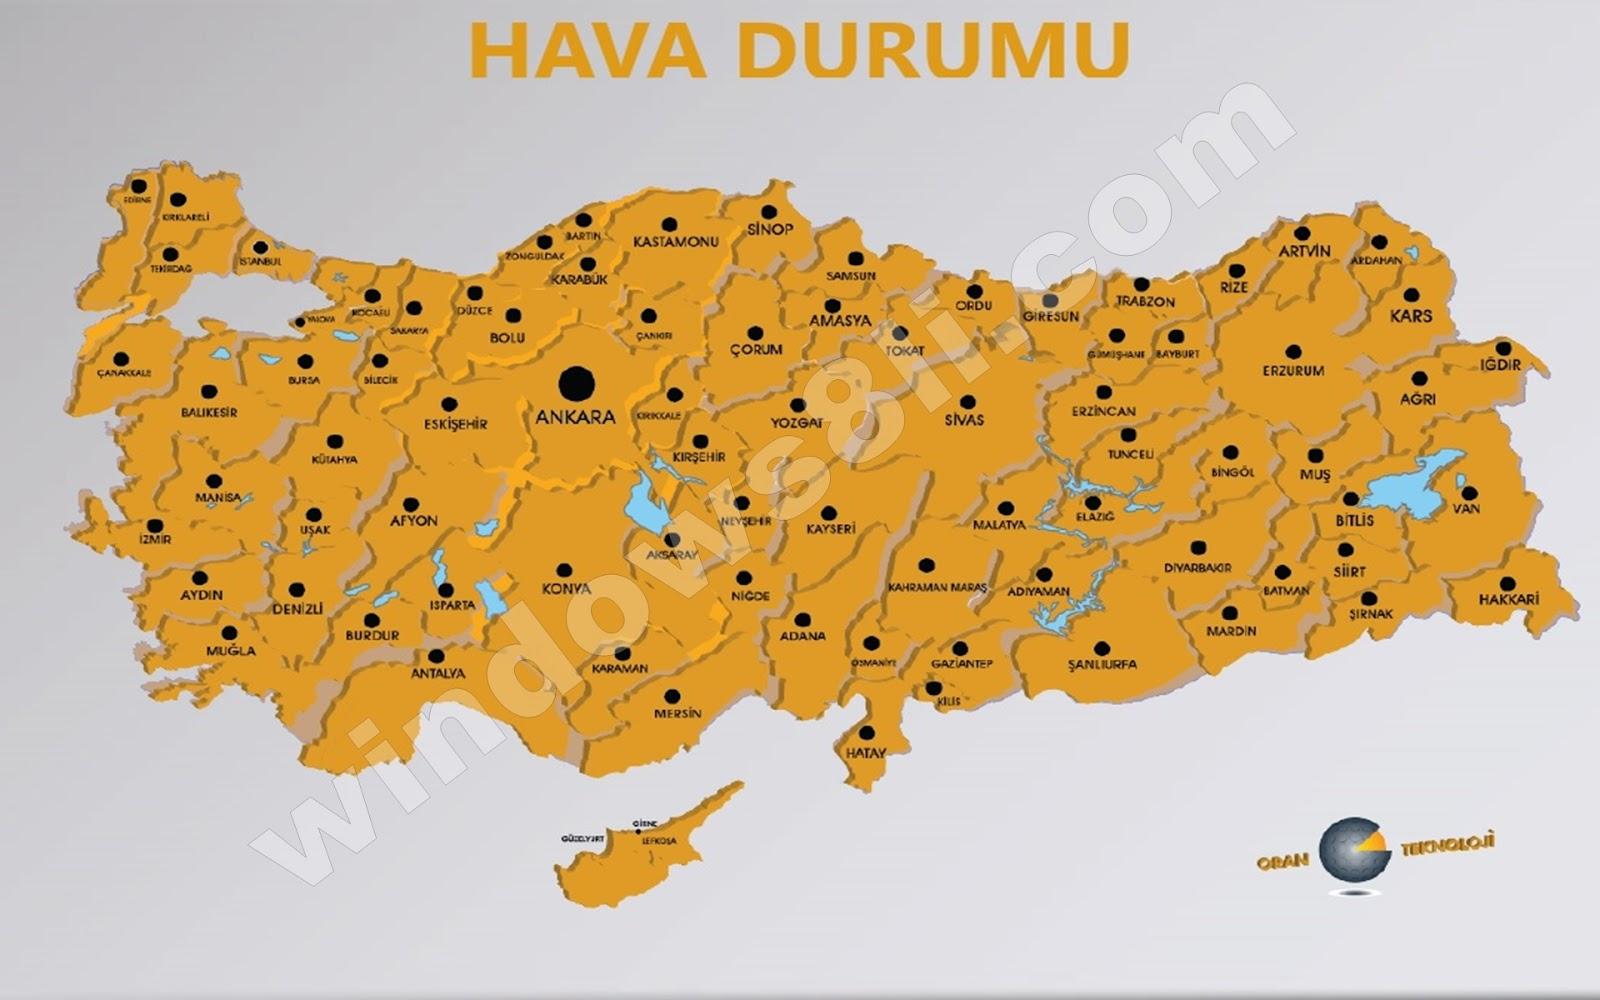 Türkiye illerinin 6 günlük hava durumu uygulaması oran hava